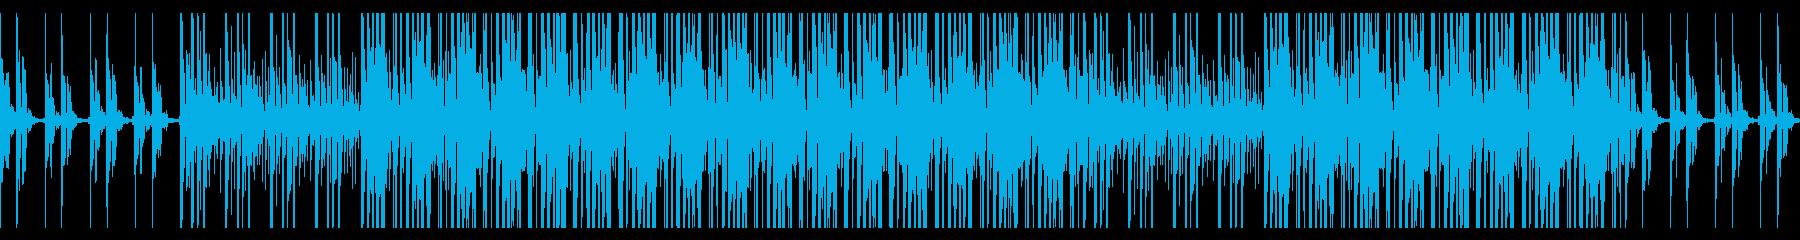 ベルを使った軽快な四つ打ちビートのループの再生済みの波形